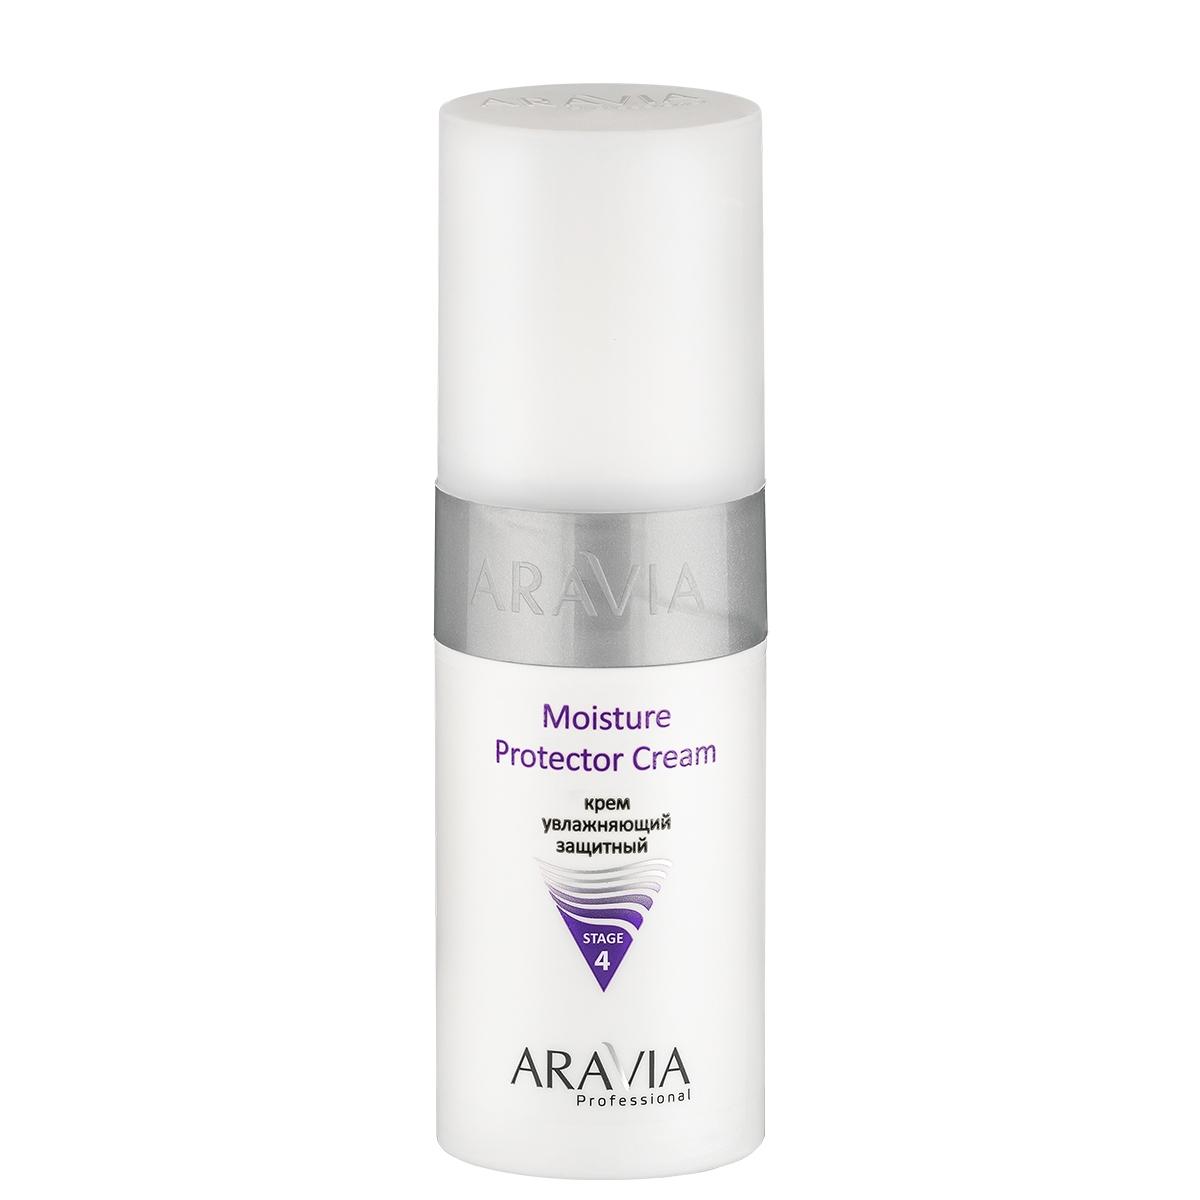 ARAVIA Крем Moisture Protecor Cream Увлажняющий Защитный, 150 мл крема для сухой кожи